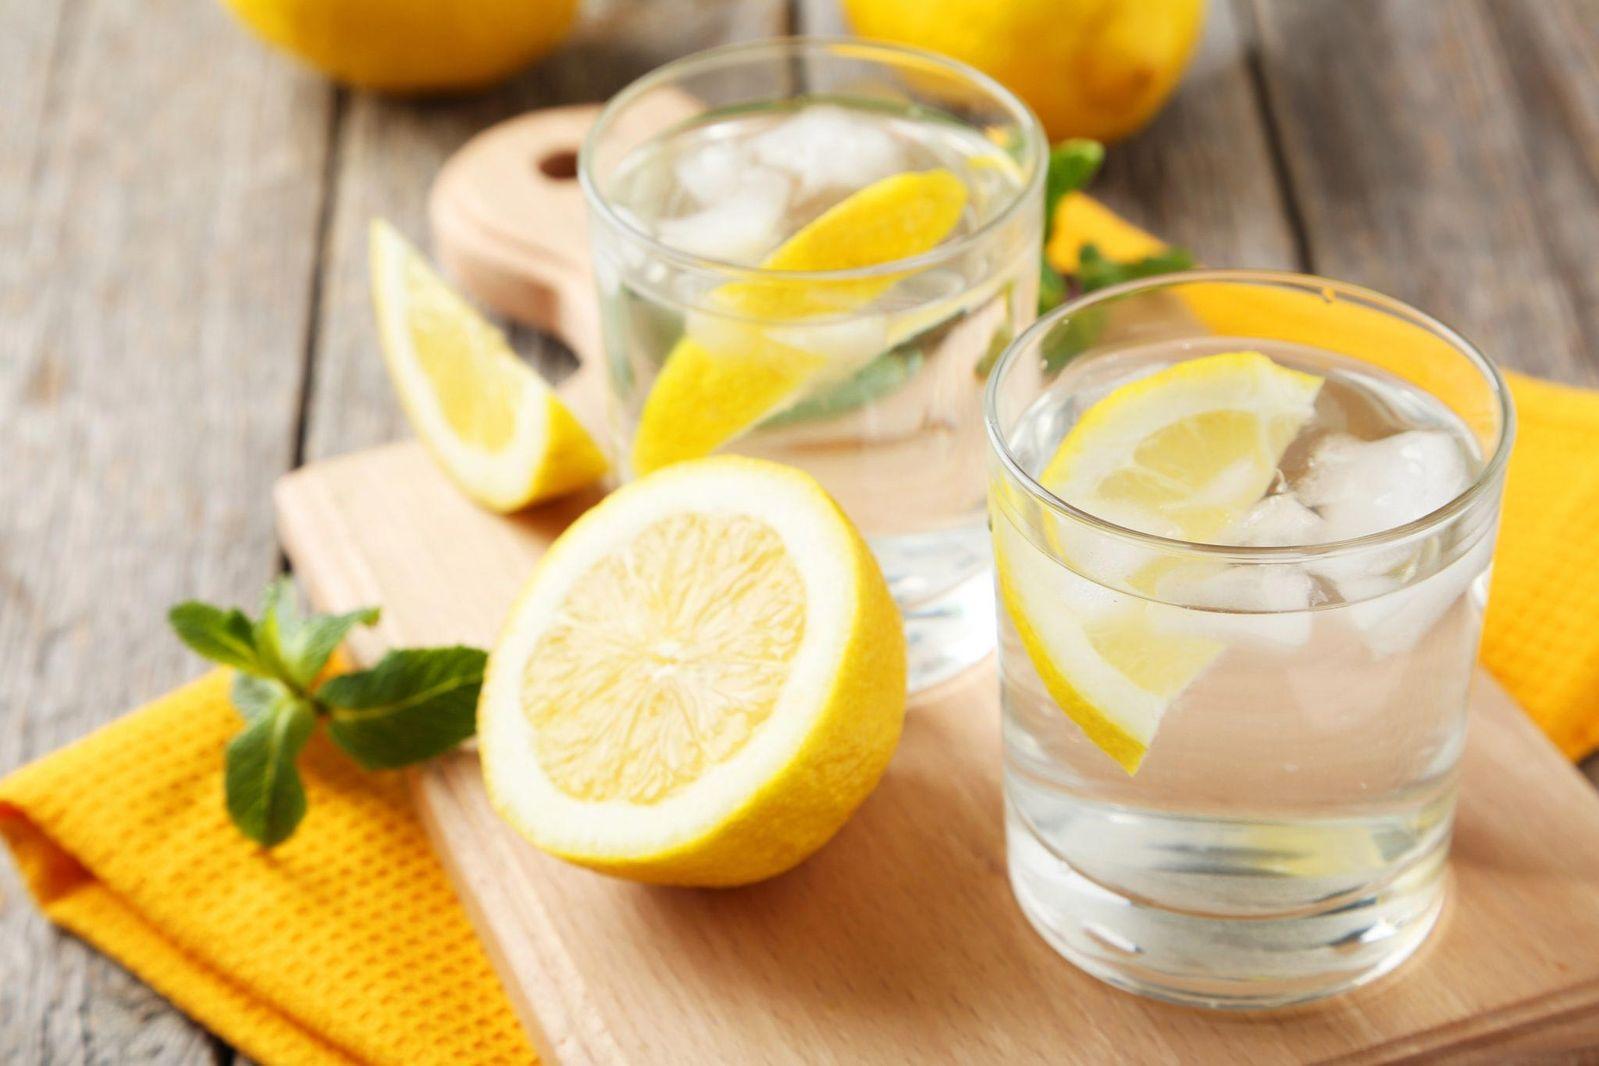 вода с сахаром для похудения